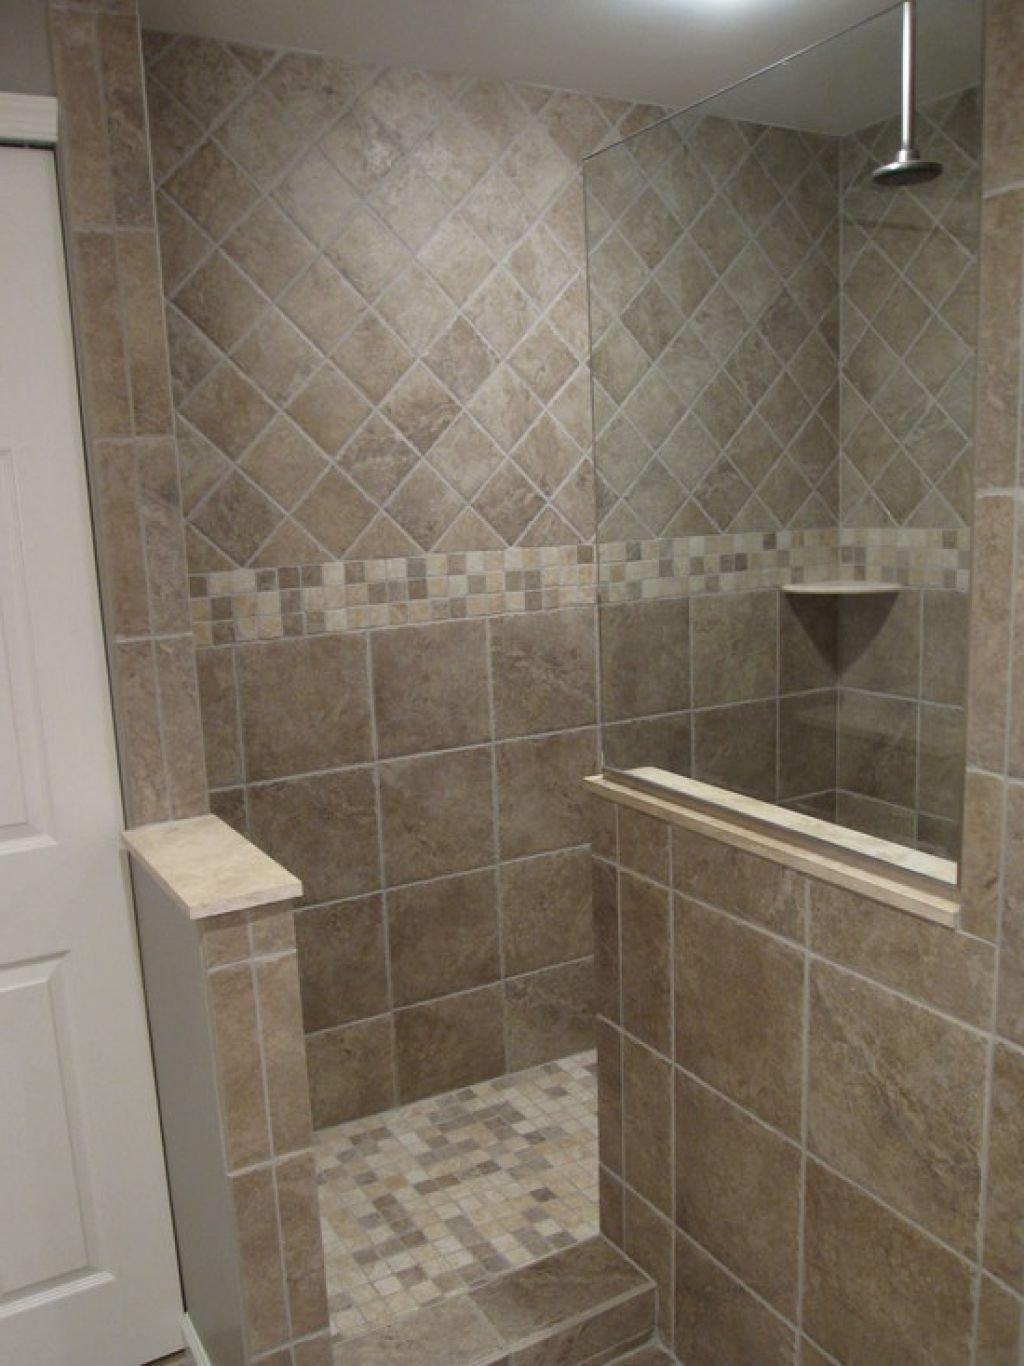 10 Spectacular Doorless Walk In Shower Ideas bathroom the required size of doorless walk in shower doorless